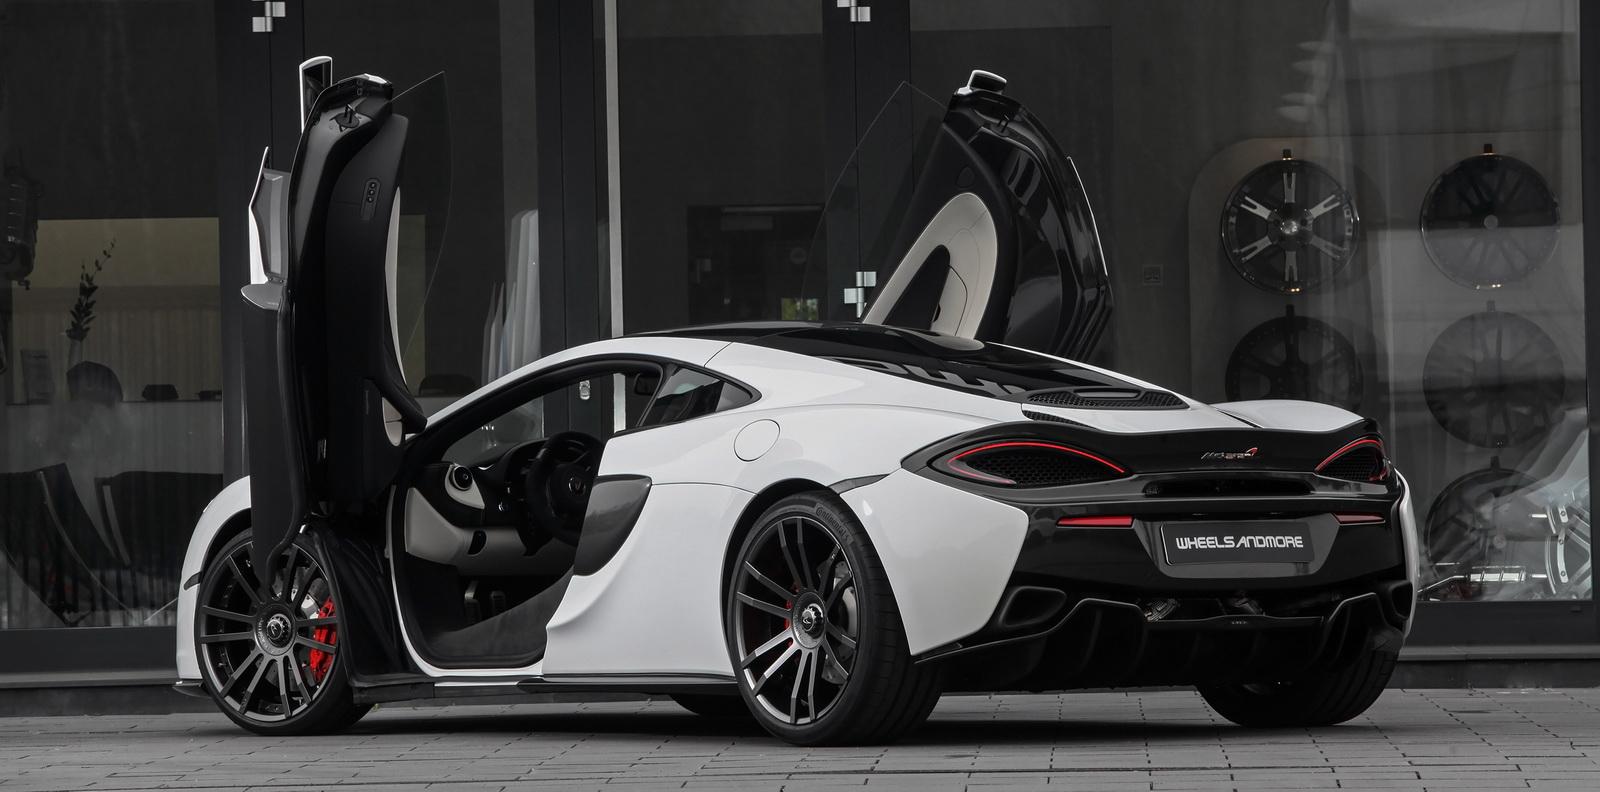 McLaren_570GT_wheelsandmore_10